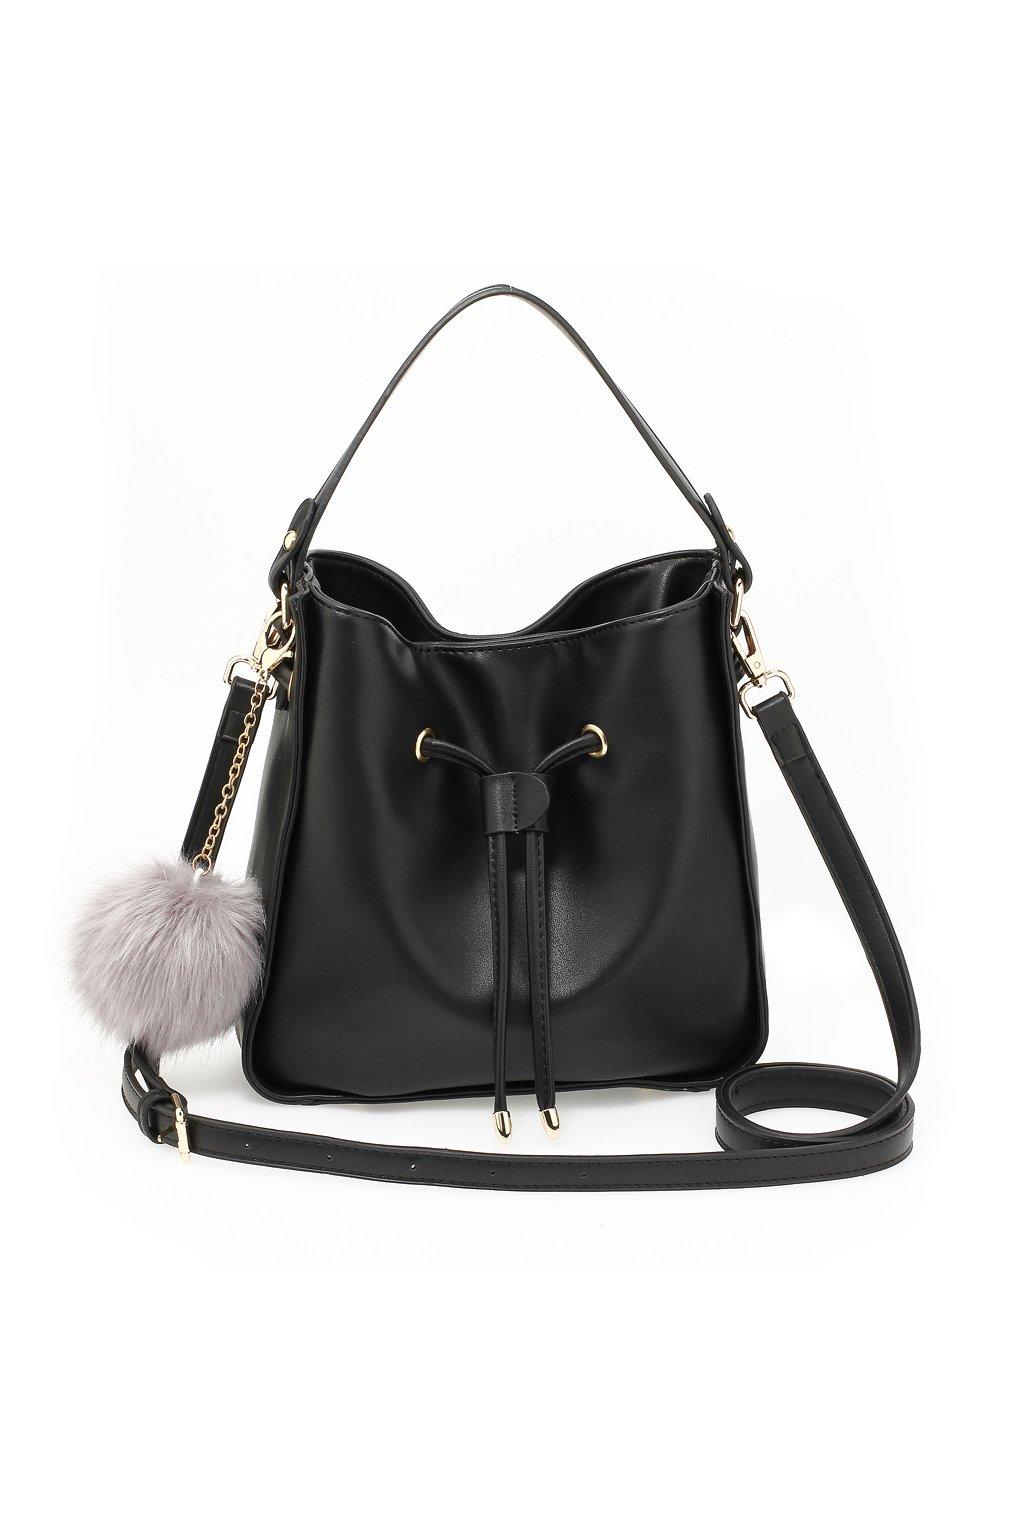 350e06d00aa7 Čierno-sivé kabelky